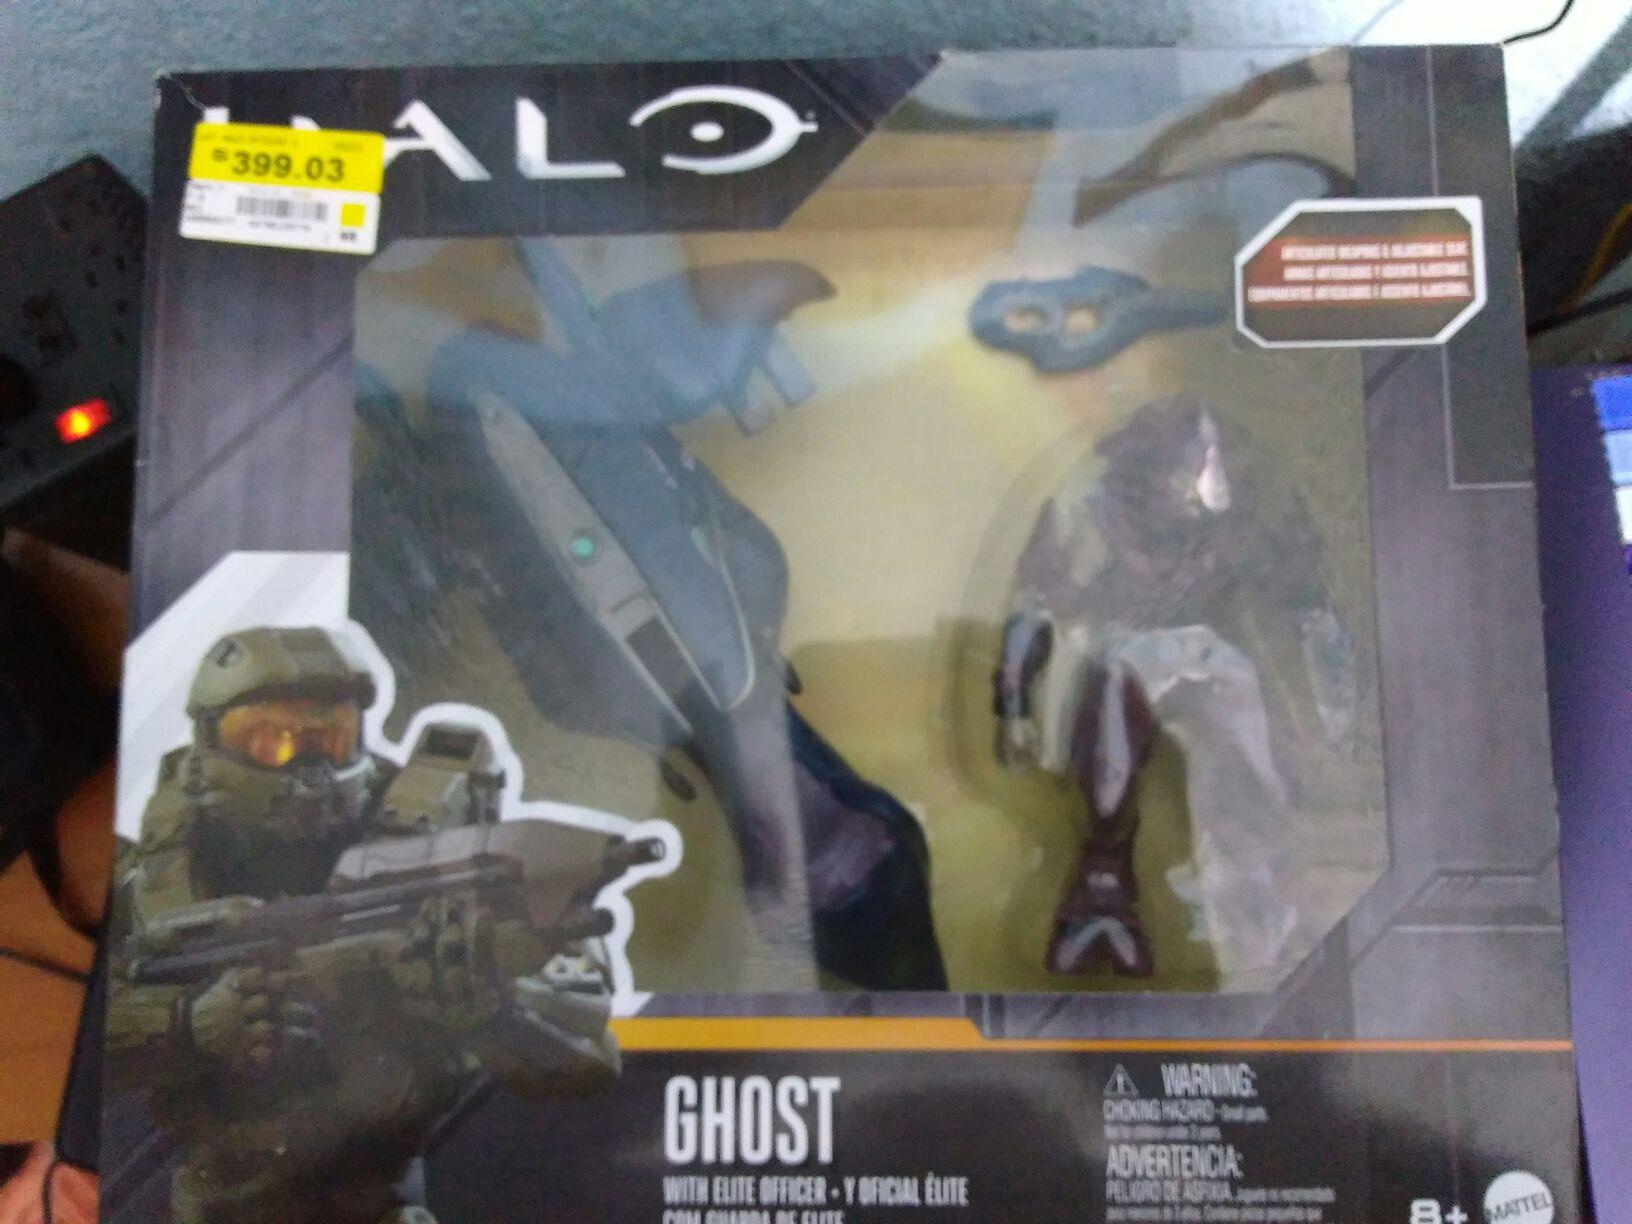 Bodega Aurrerá: Figura Halo en primera Liquidacion a $399.03